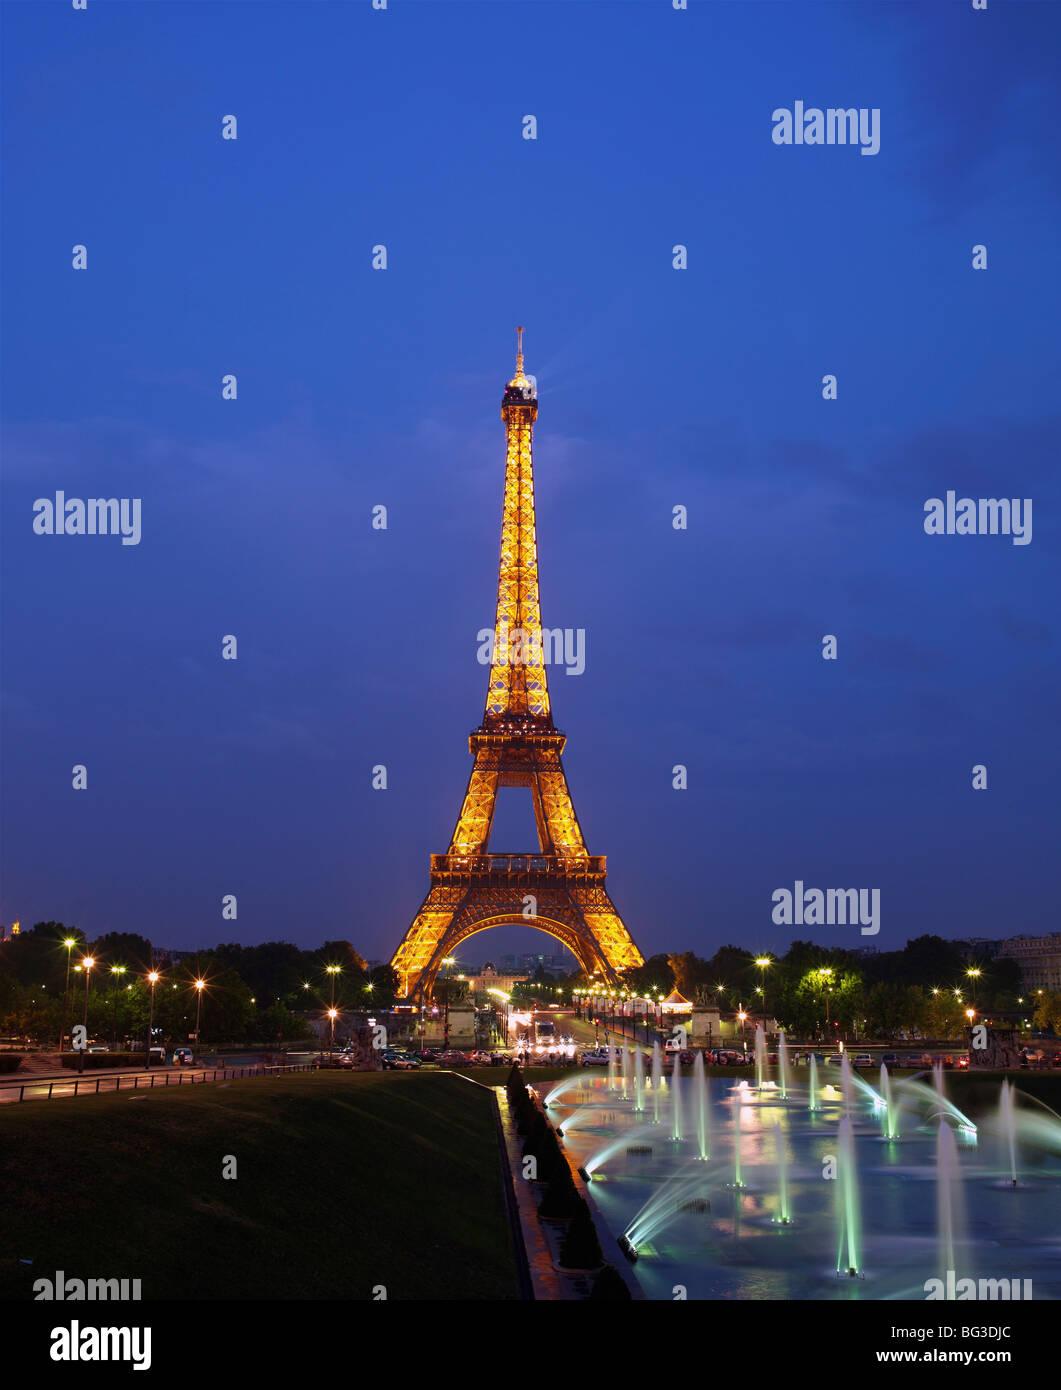 La Tour Eiffel, Paris, France, Europe Photo Stock